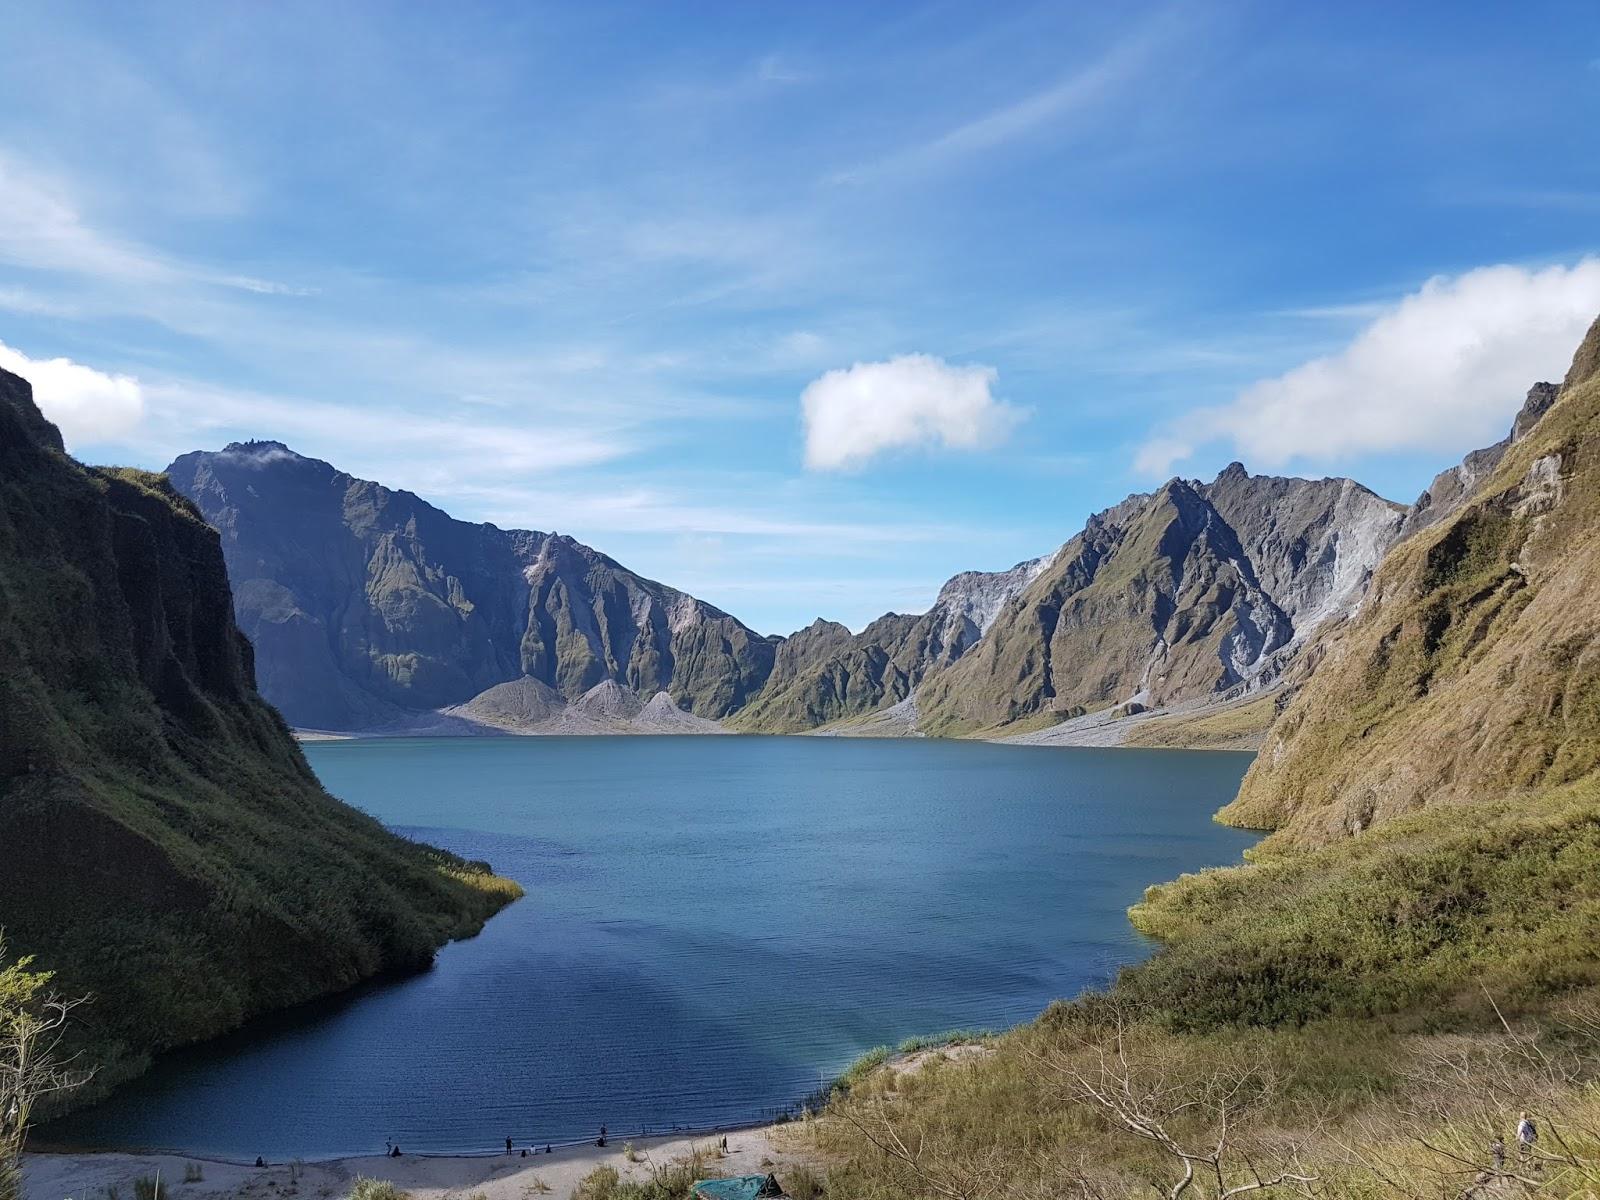 Moredantravels at Mt. Pinatubo